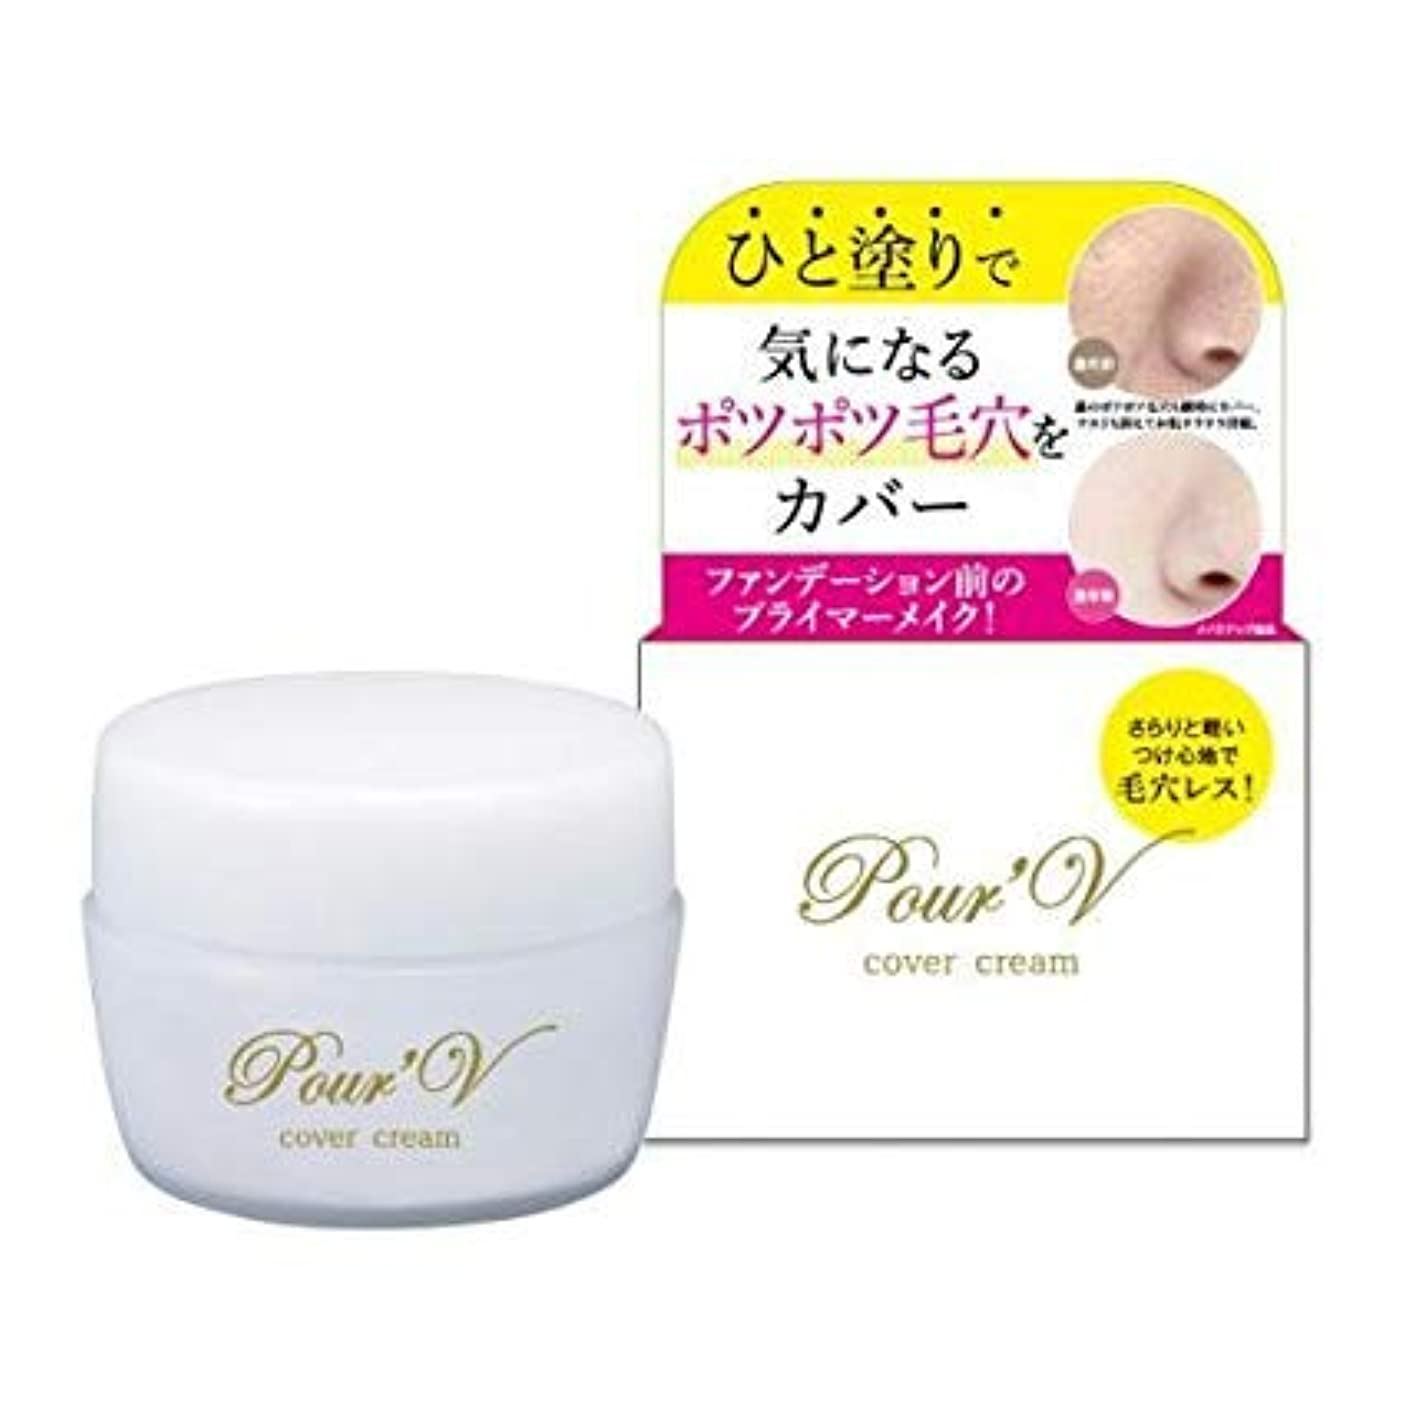 失望させる陽気な保護するPour'V プレヴ cover cream10個セット